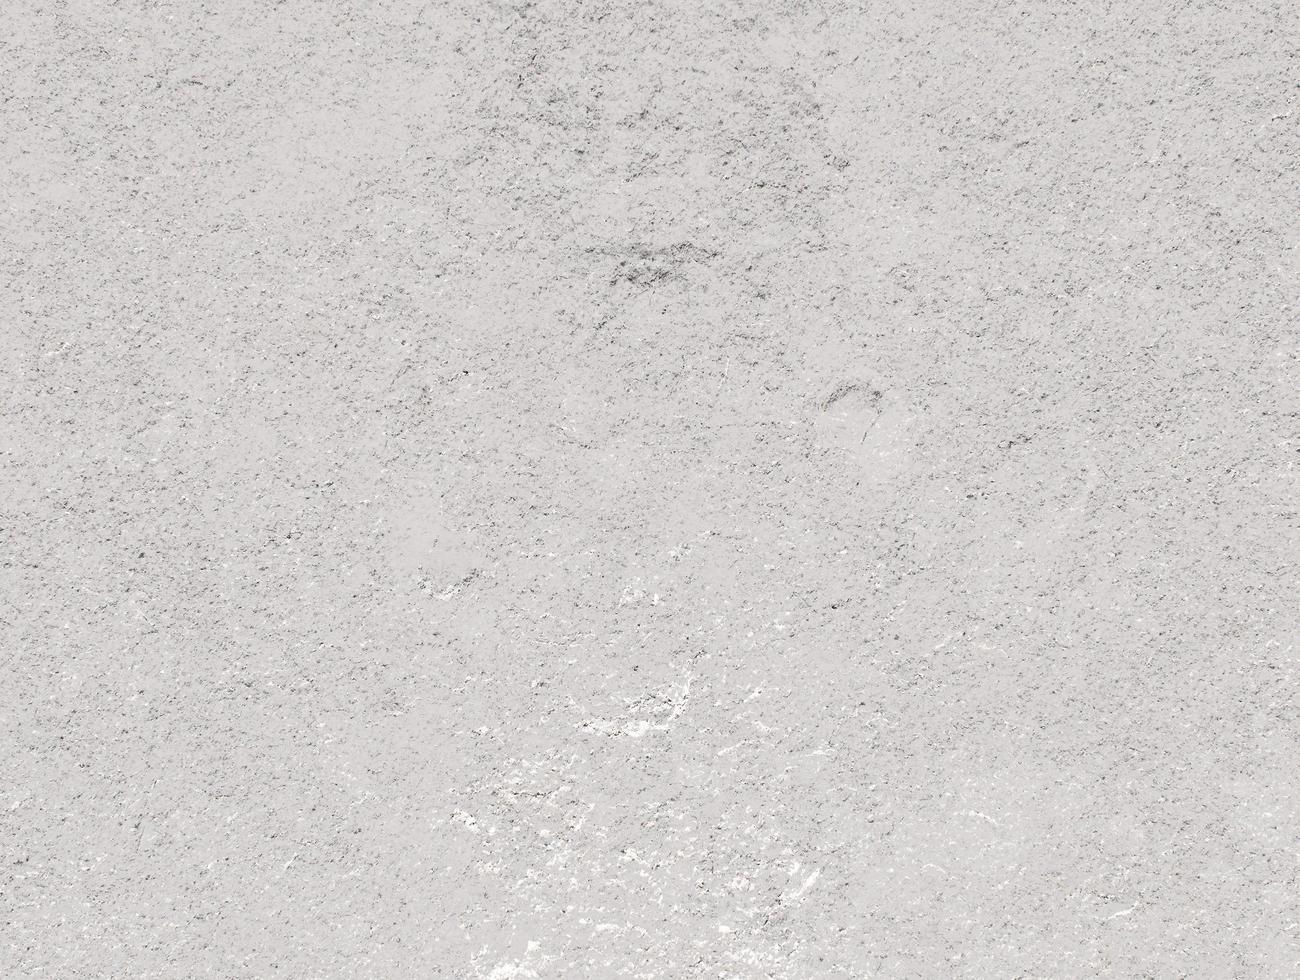 texture de mur de béton minimaliste photo